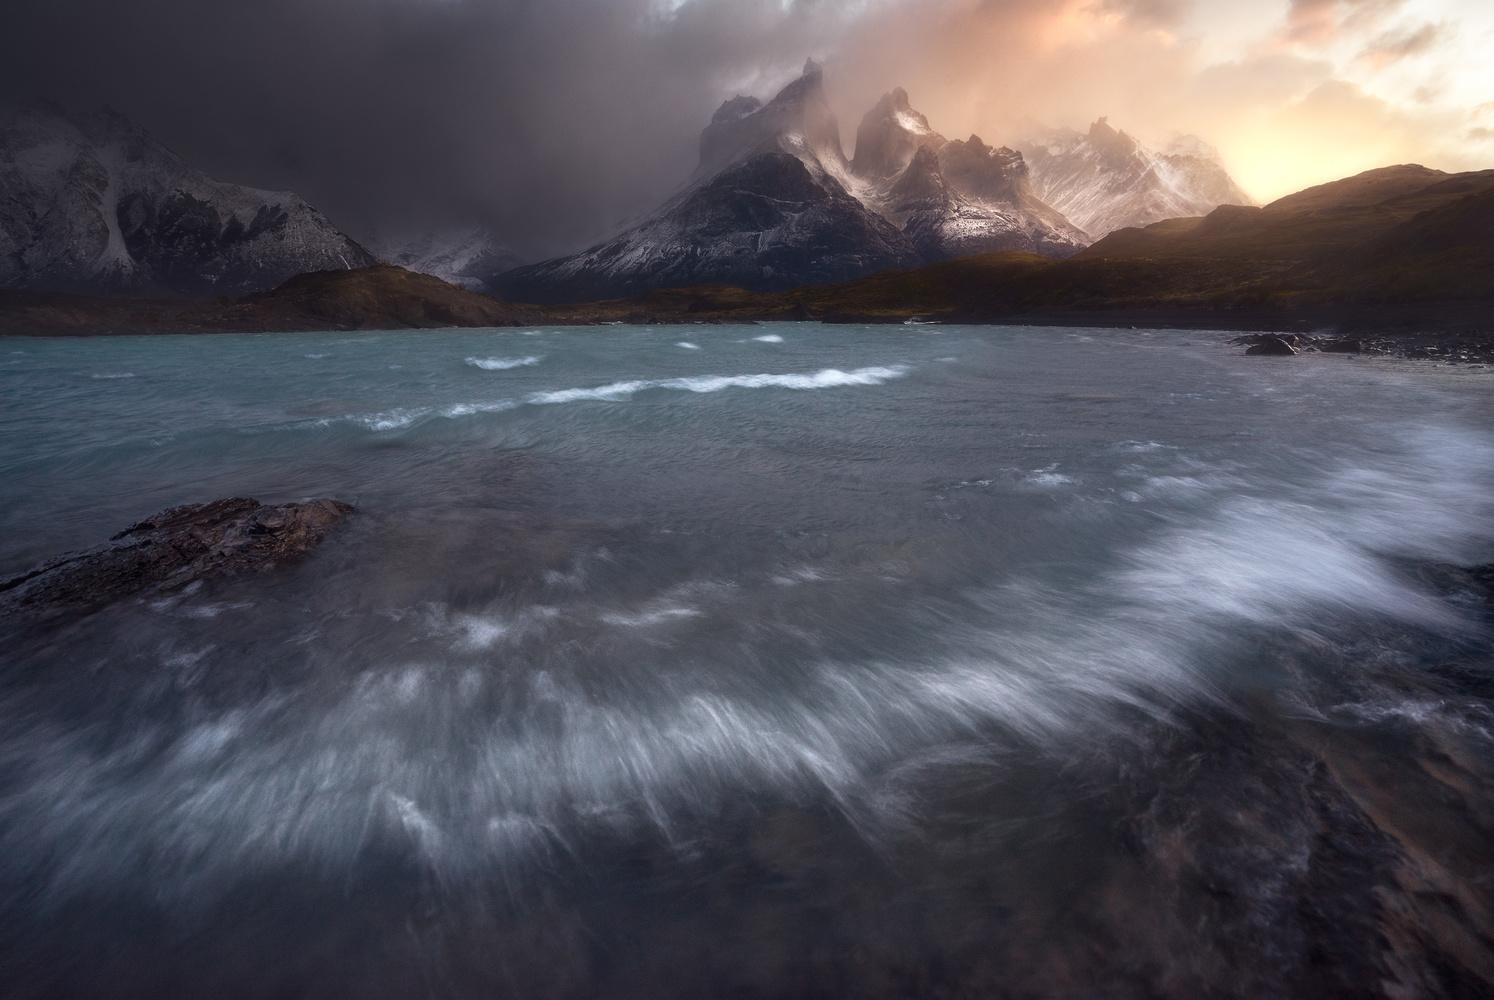 Breakthrough by Eric Thiessen